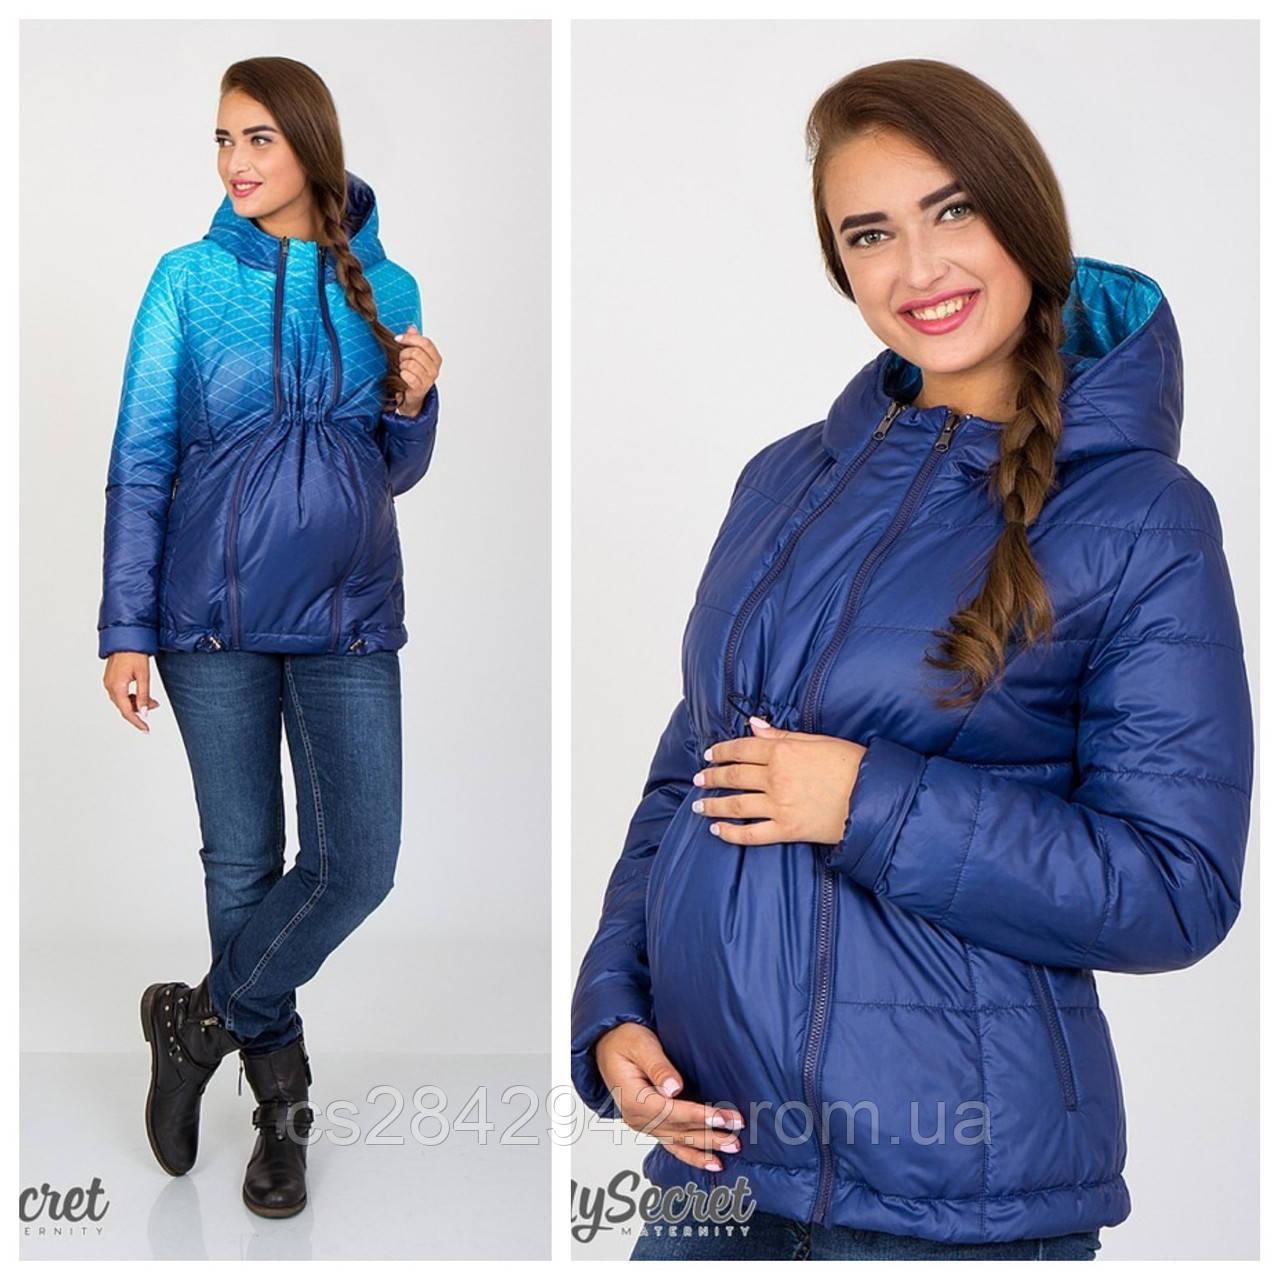 Двостороння куртка для вагітних (Куртка для беременных) FLOYD OW-37.011